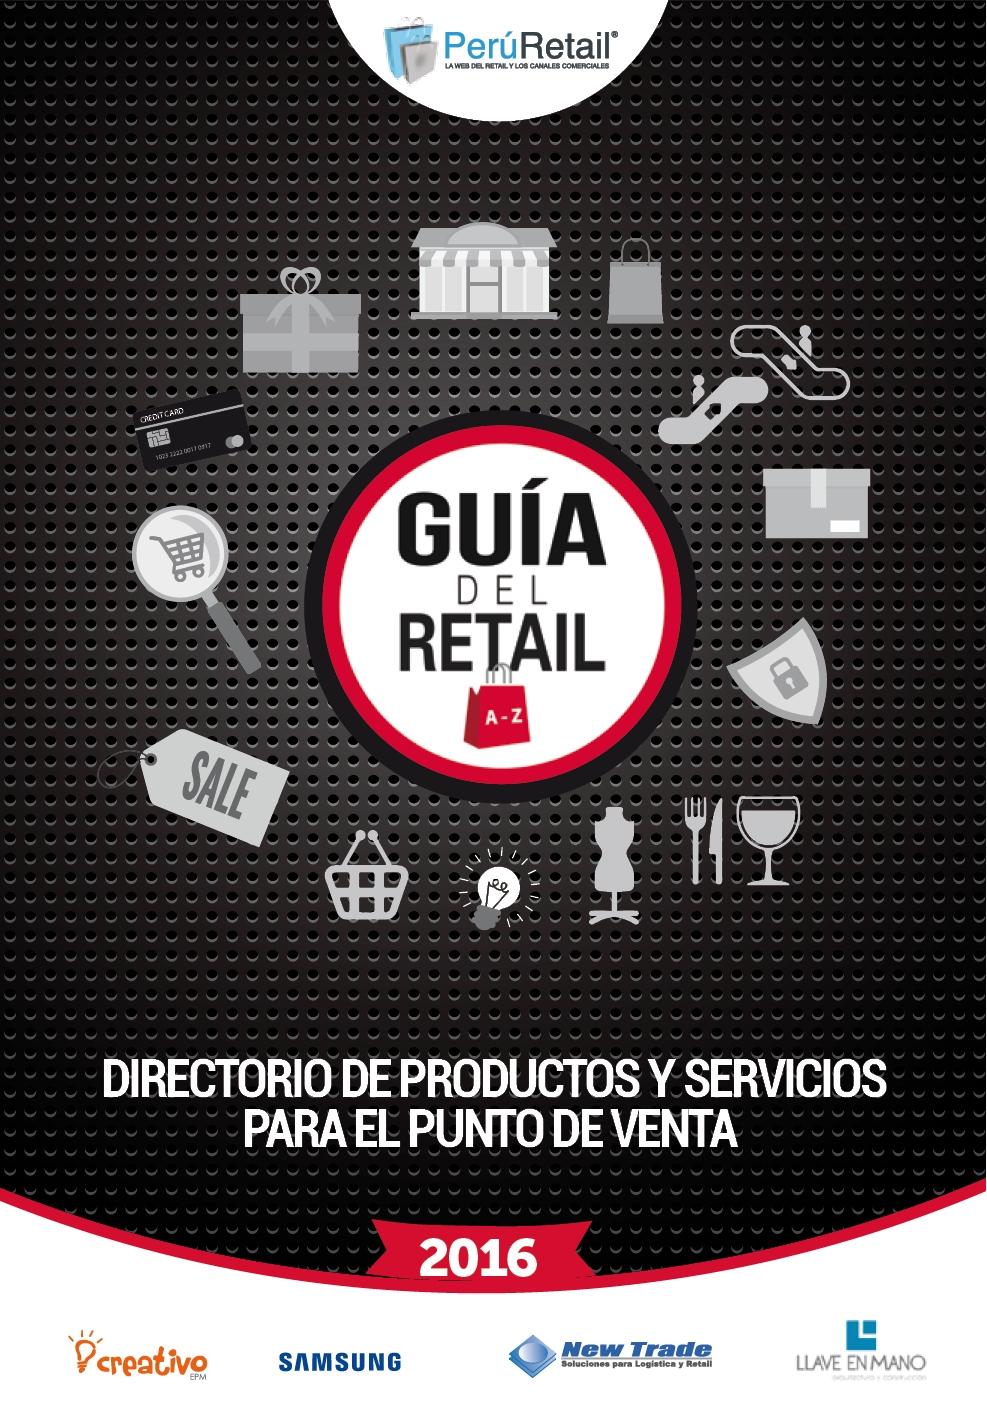 portada guia6 - Acerca de Perú Retail